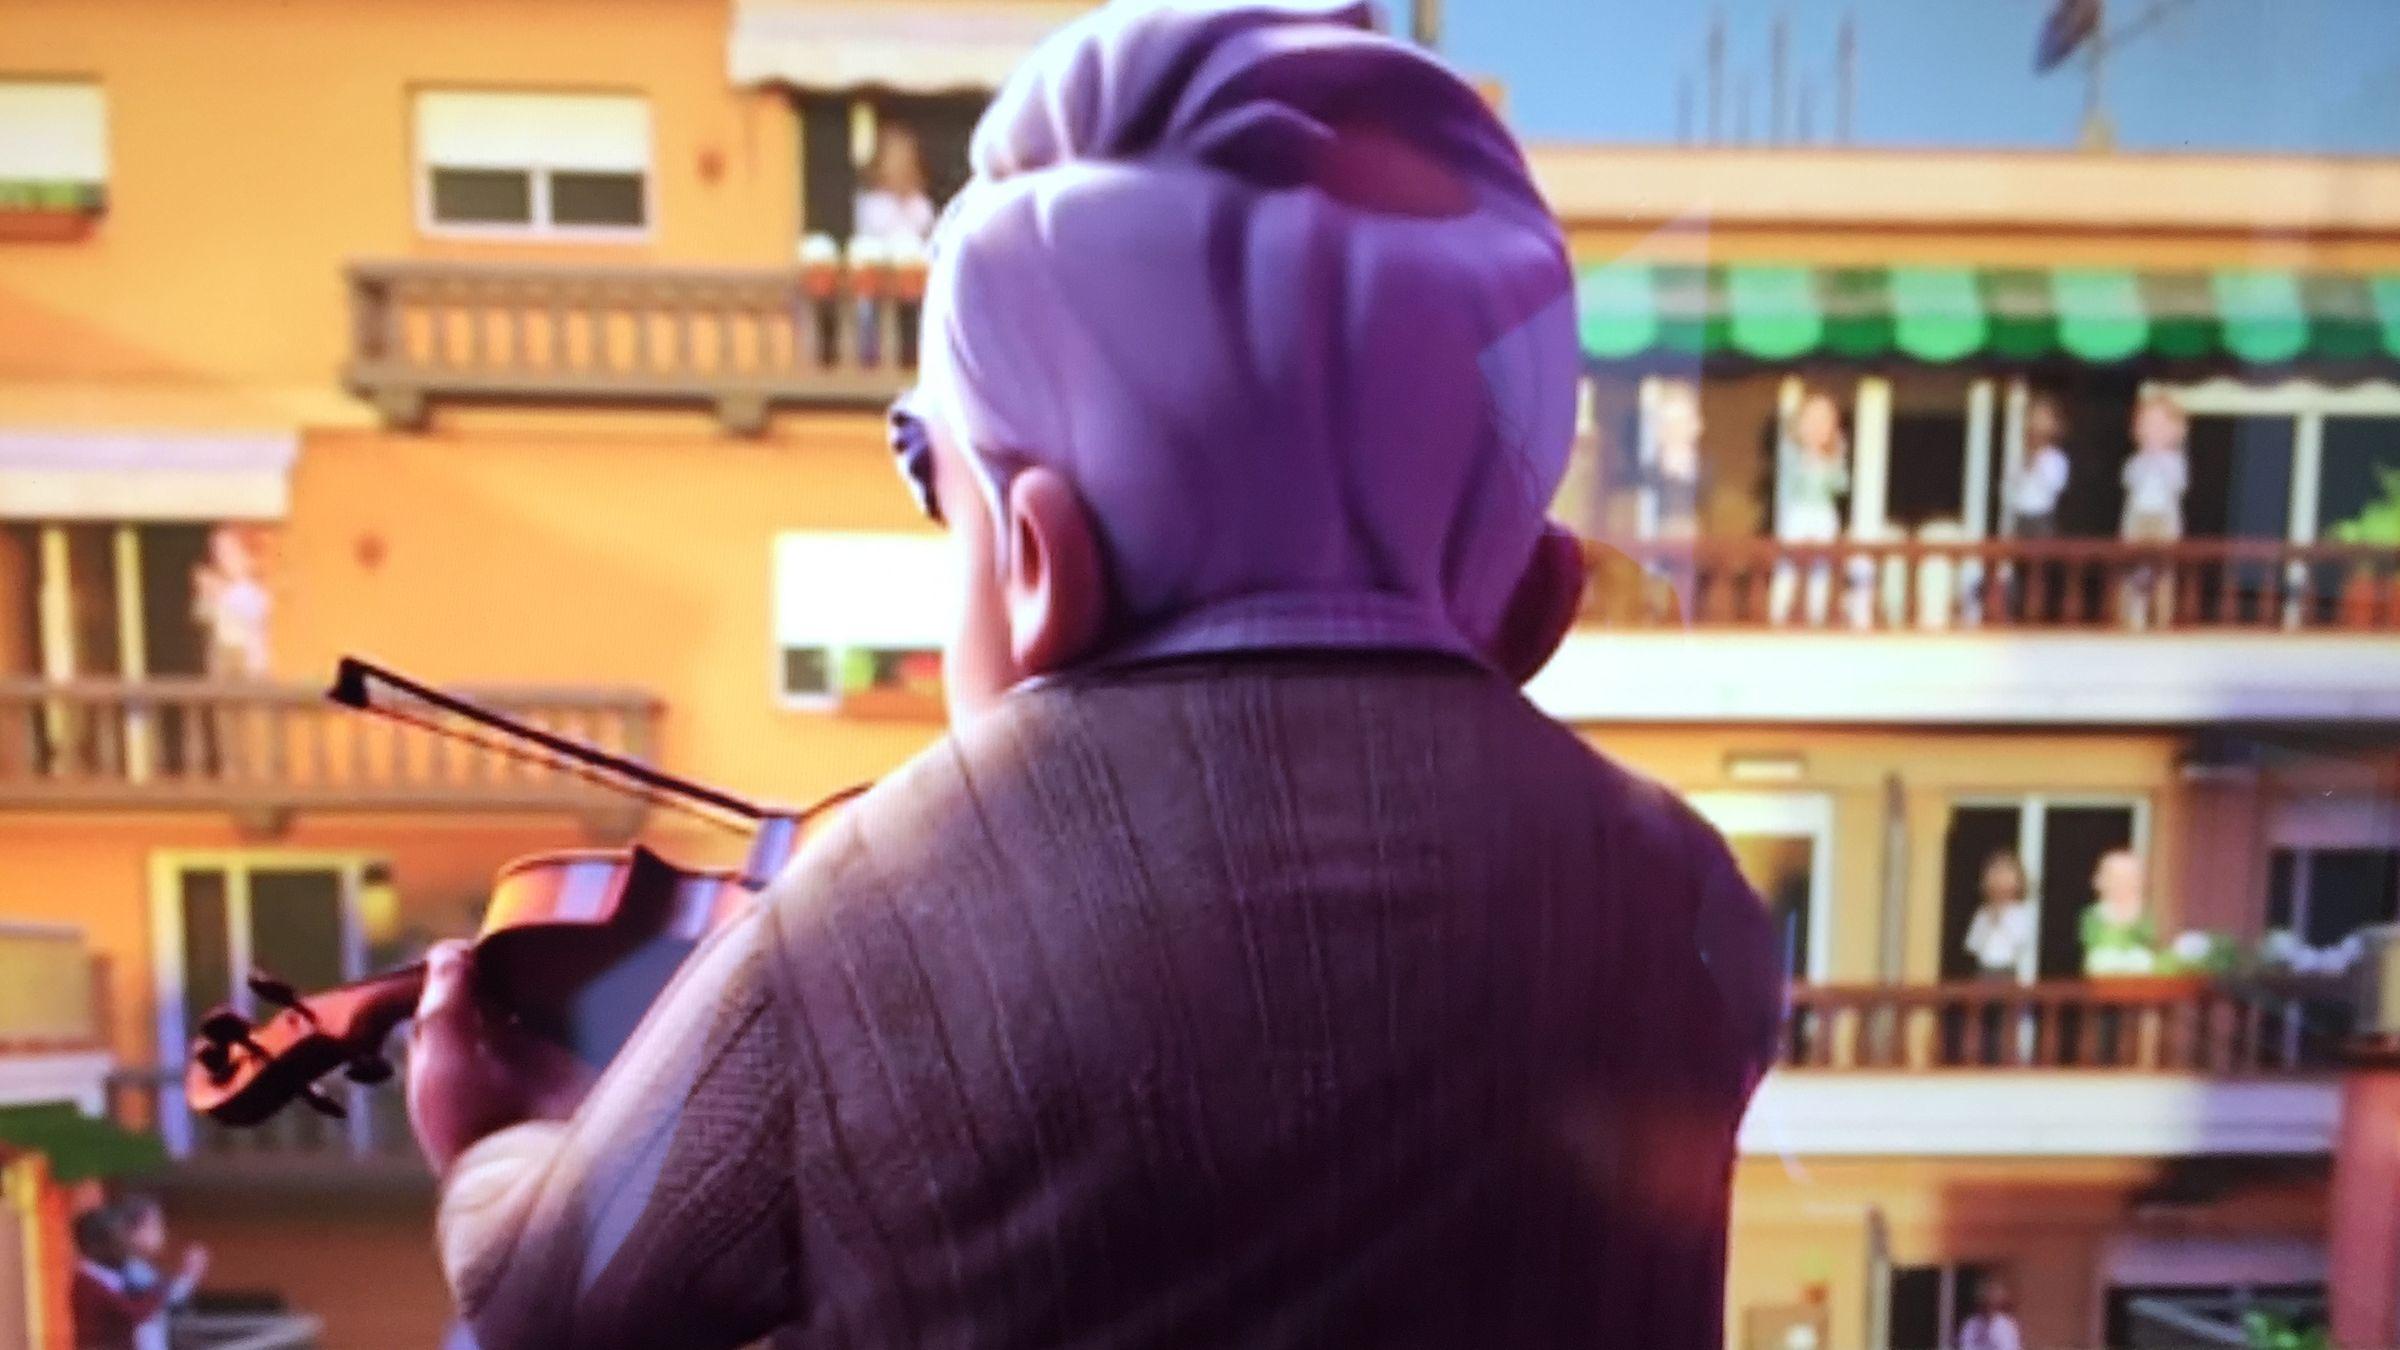 Los aplausos del confinamientoal vigués con alzhéimer se convierten en un corto.Fotograma de la película